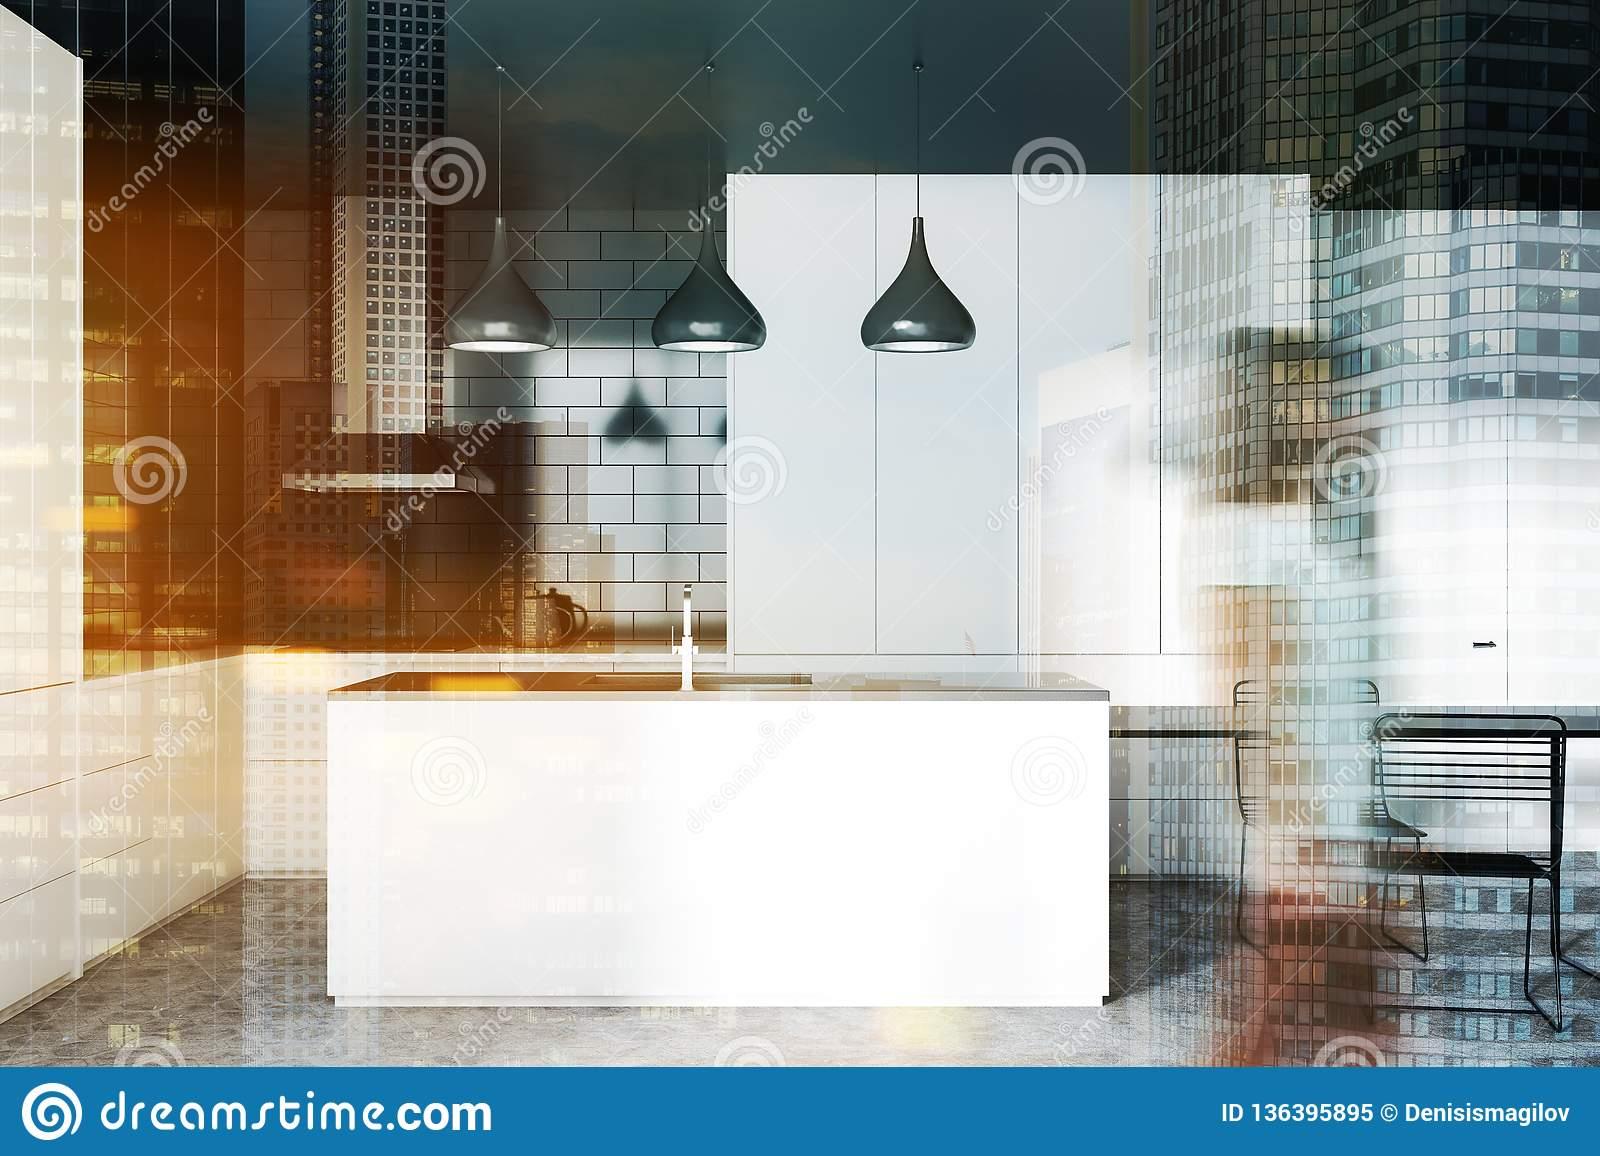 Table Brick Kitchen Island Design – Erigiestudio Regarding Most Up To Date Elworth Kitchen Island (View 18 of 25)